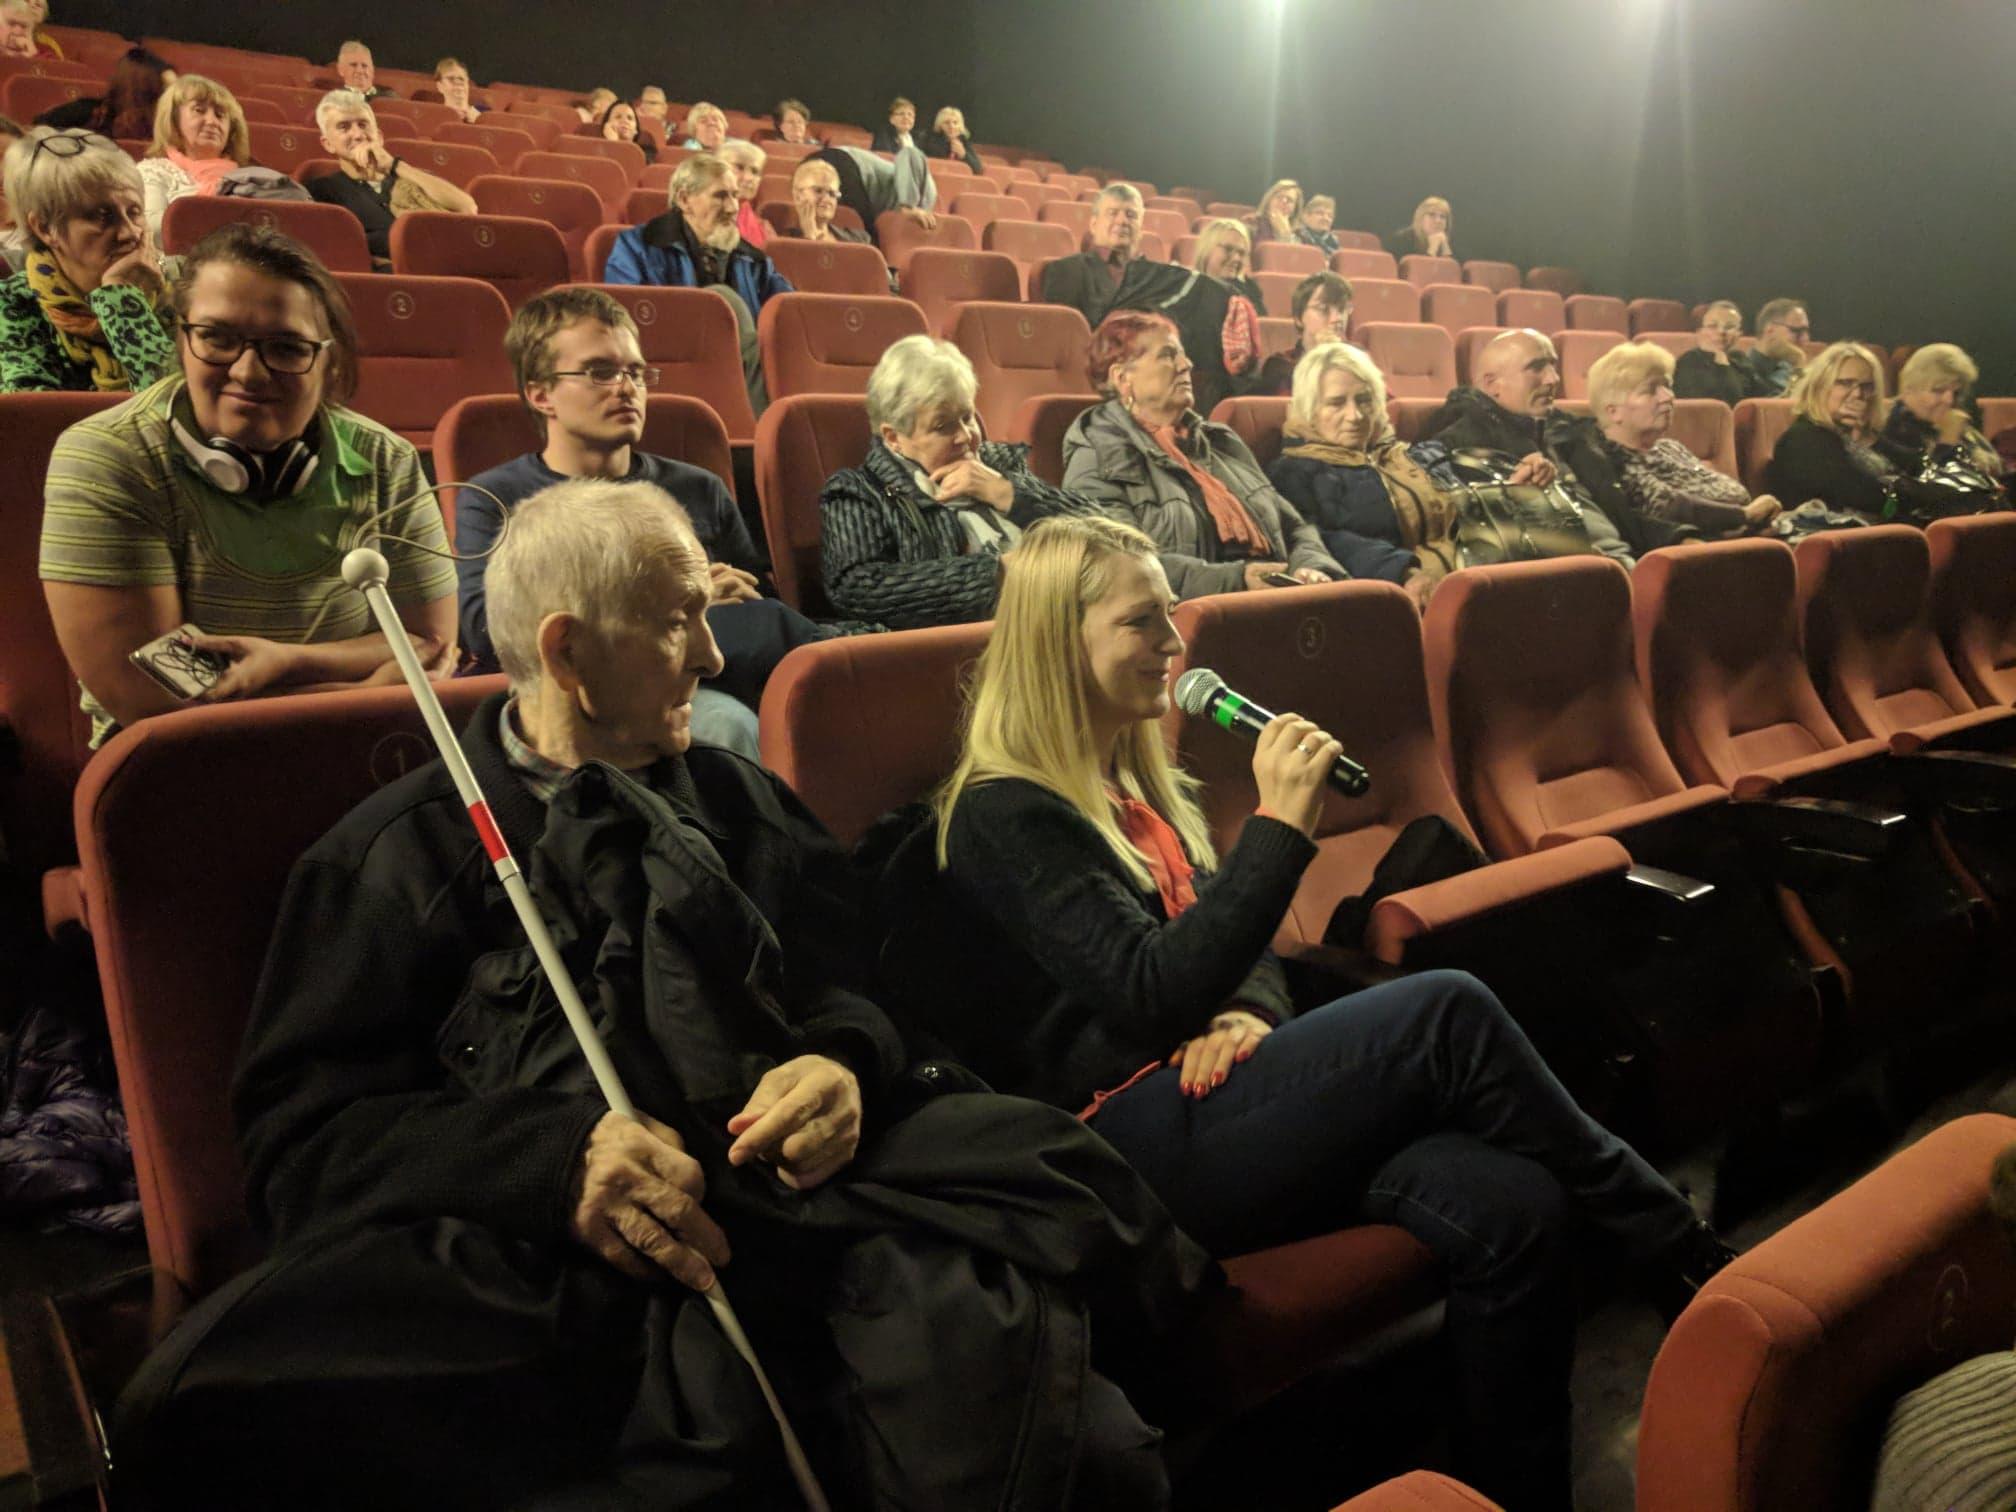 Młoda blondynka siedząca na widowni zadaje pytanie podczas dyskusji z Barbarą Kurzaj